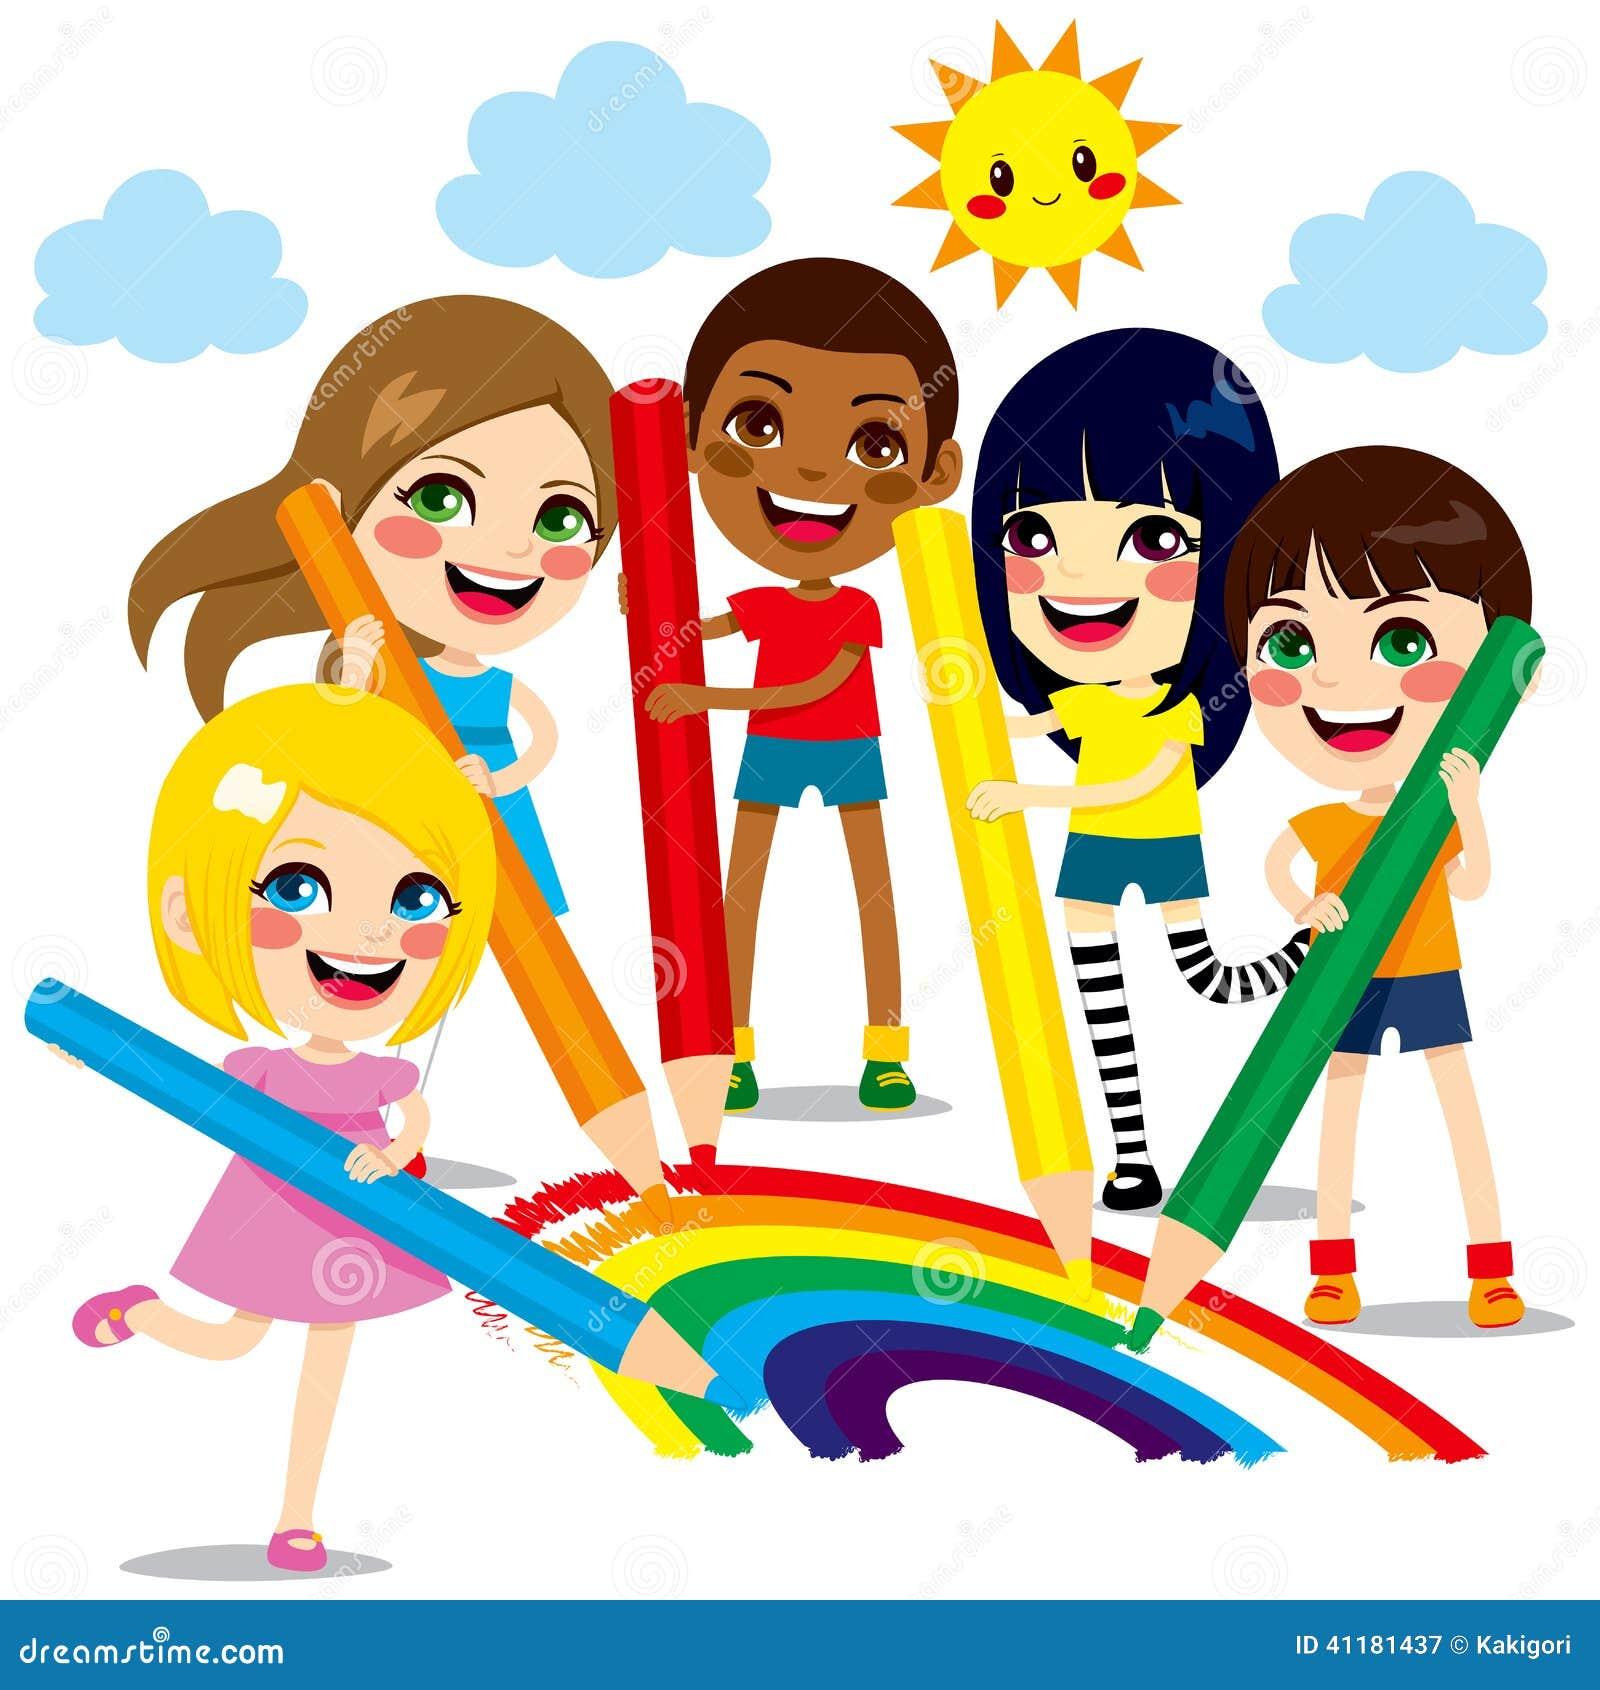 Bambini che estraggono arcobaleno illustrazione vettoriale - Immagini di cicogne che portano bambini ...